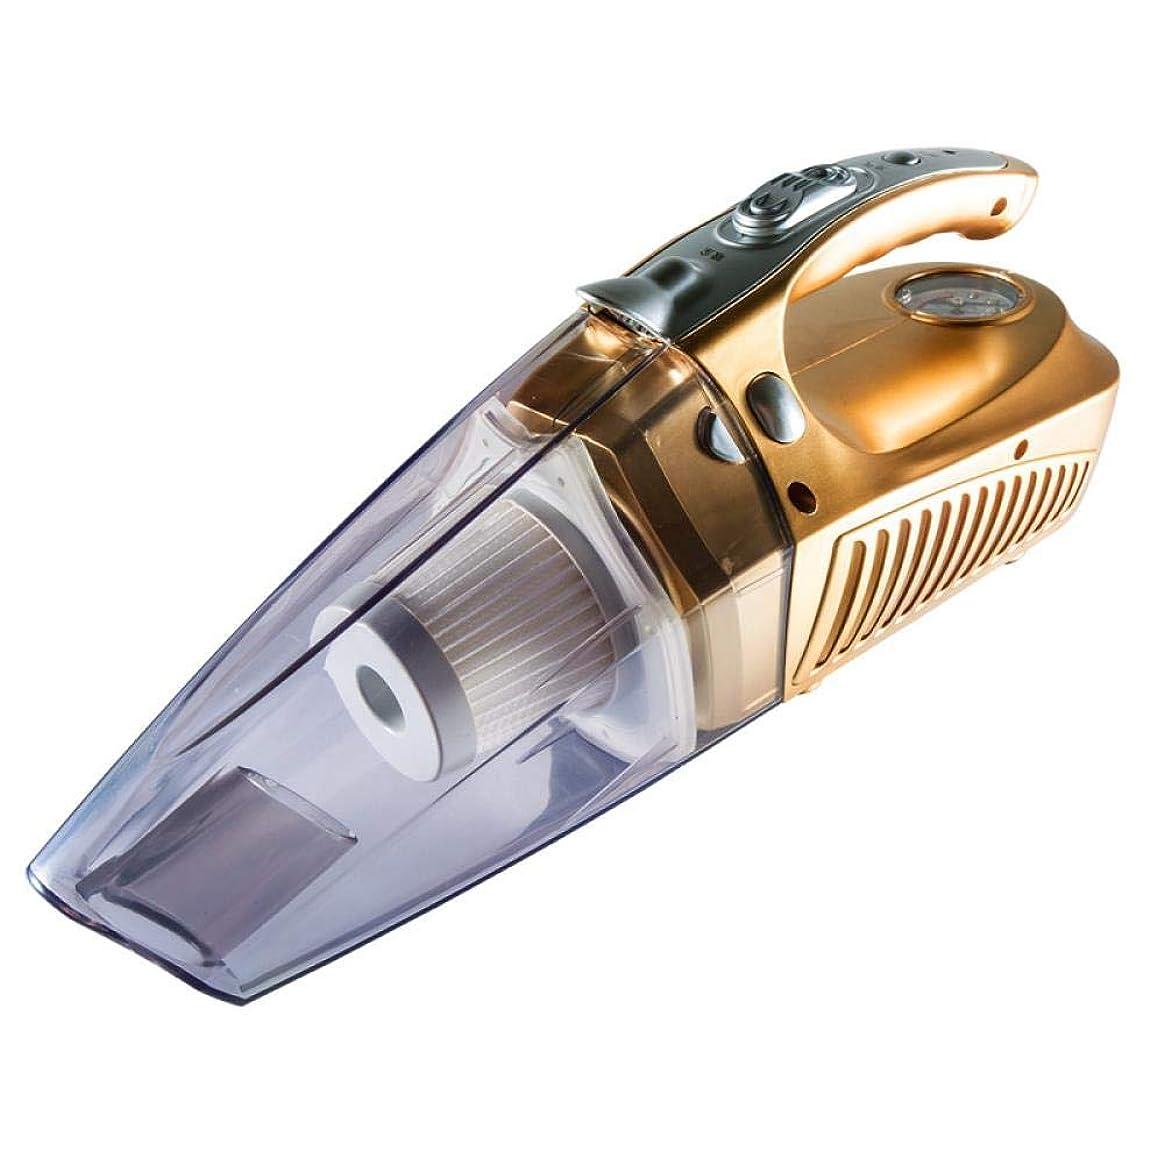 快いパッチ集中的なVacuum cleaner car ﹖ car mounted hand-held vacuum cleaner car manometer car dual purpose high power four in one gha-002, Golden